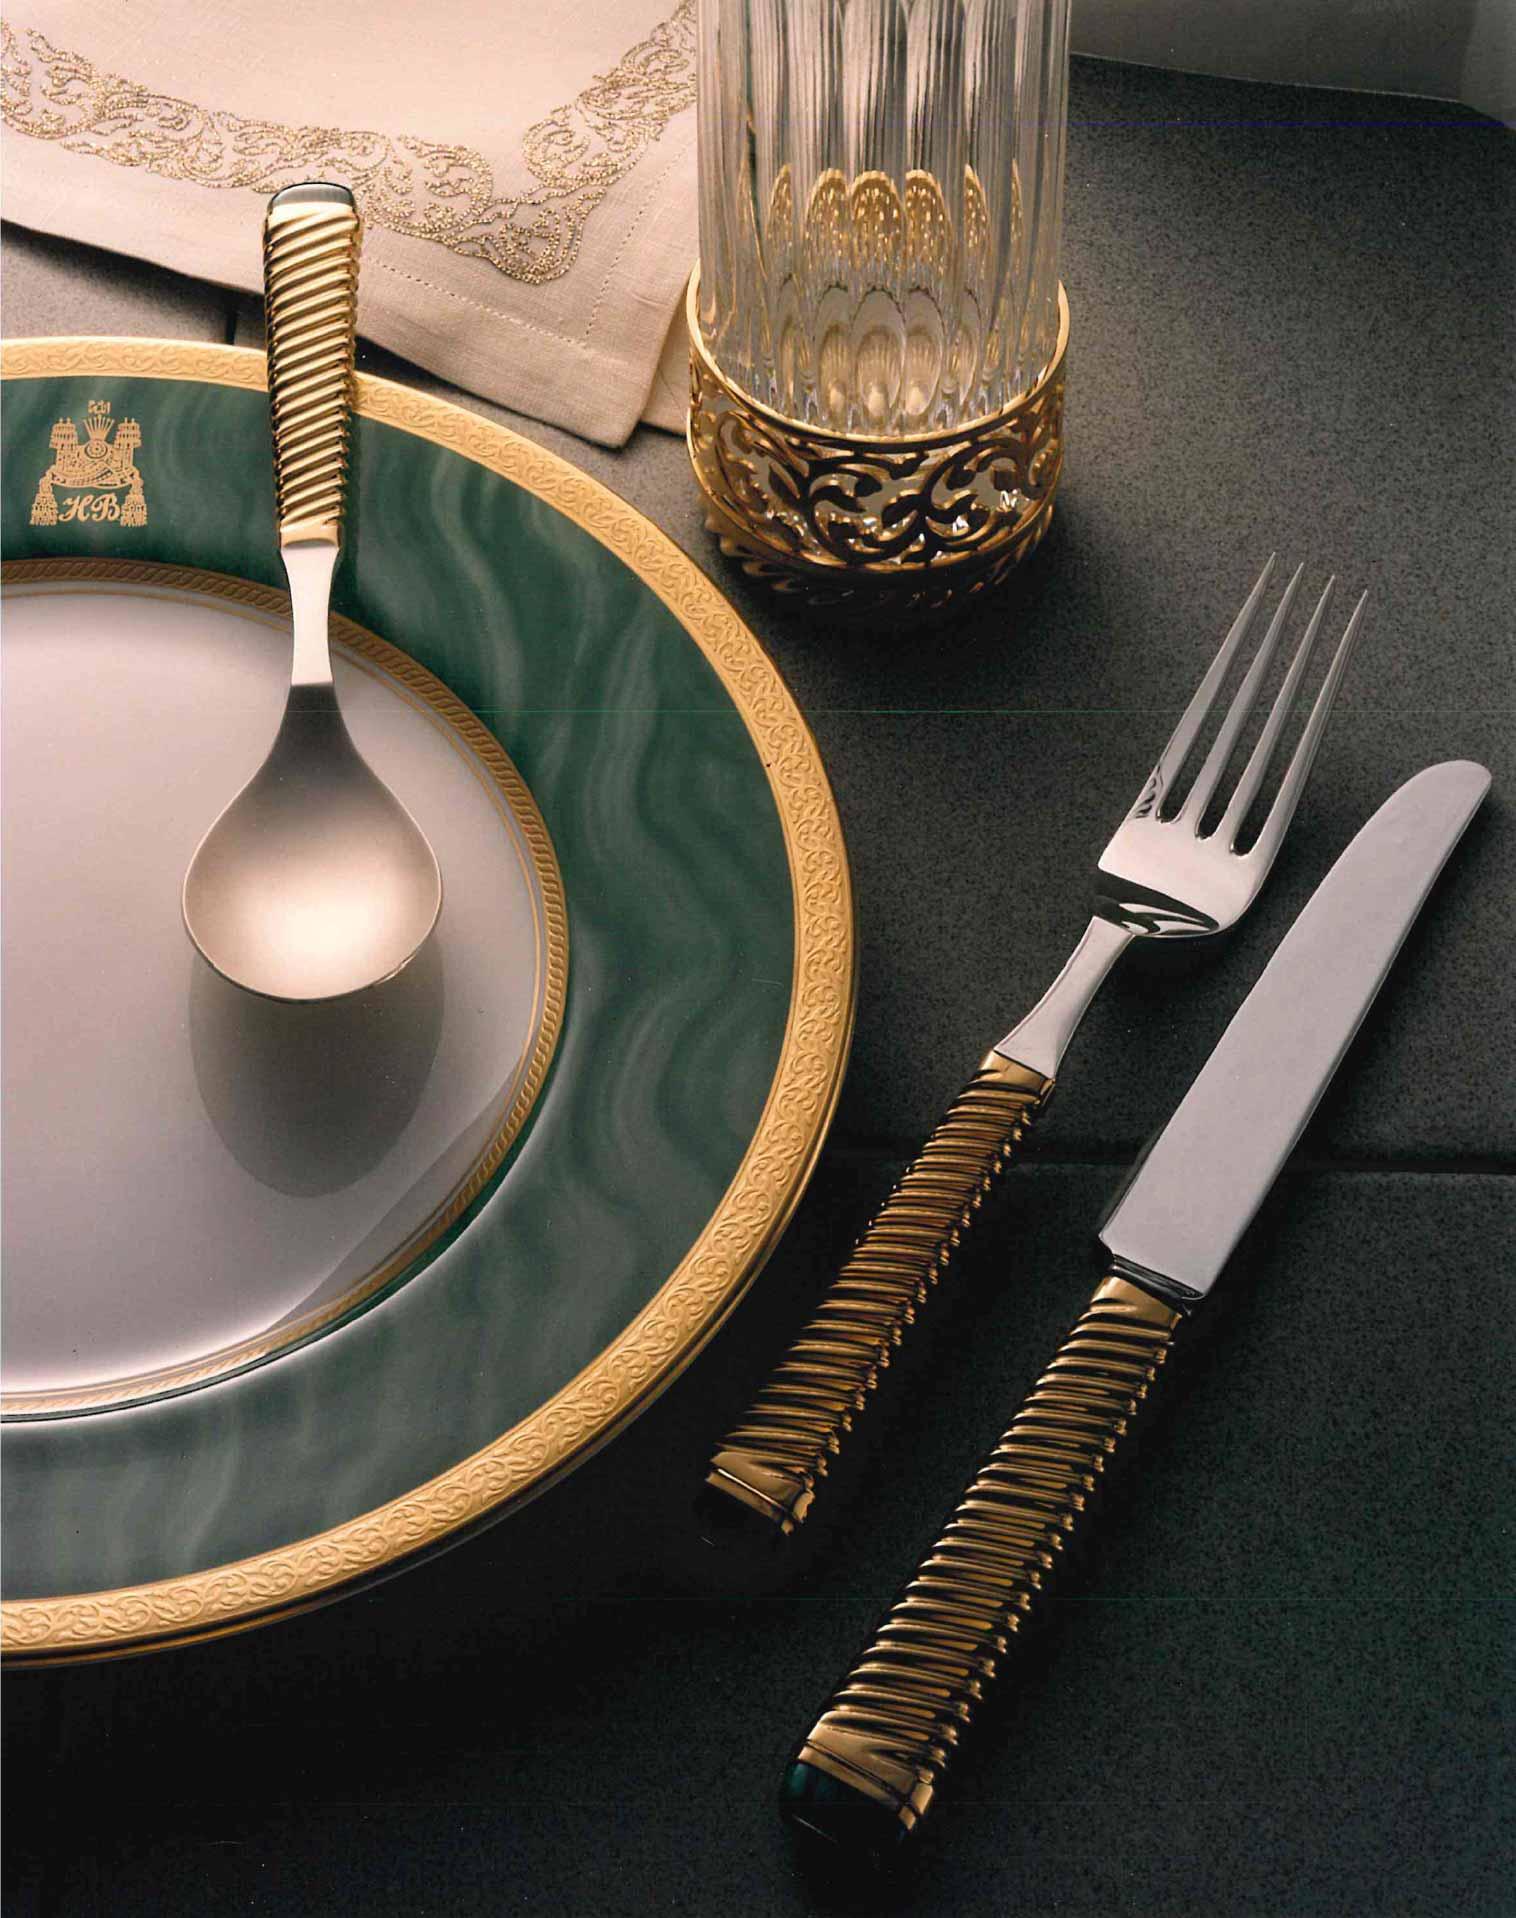 A bespoke gold-trimmed dining set designed by Dahlgren Duck